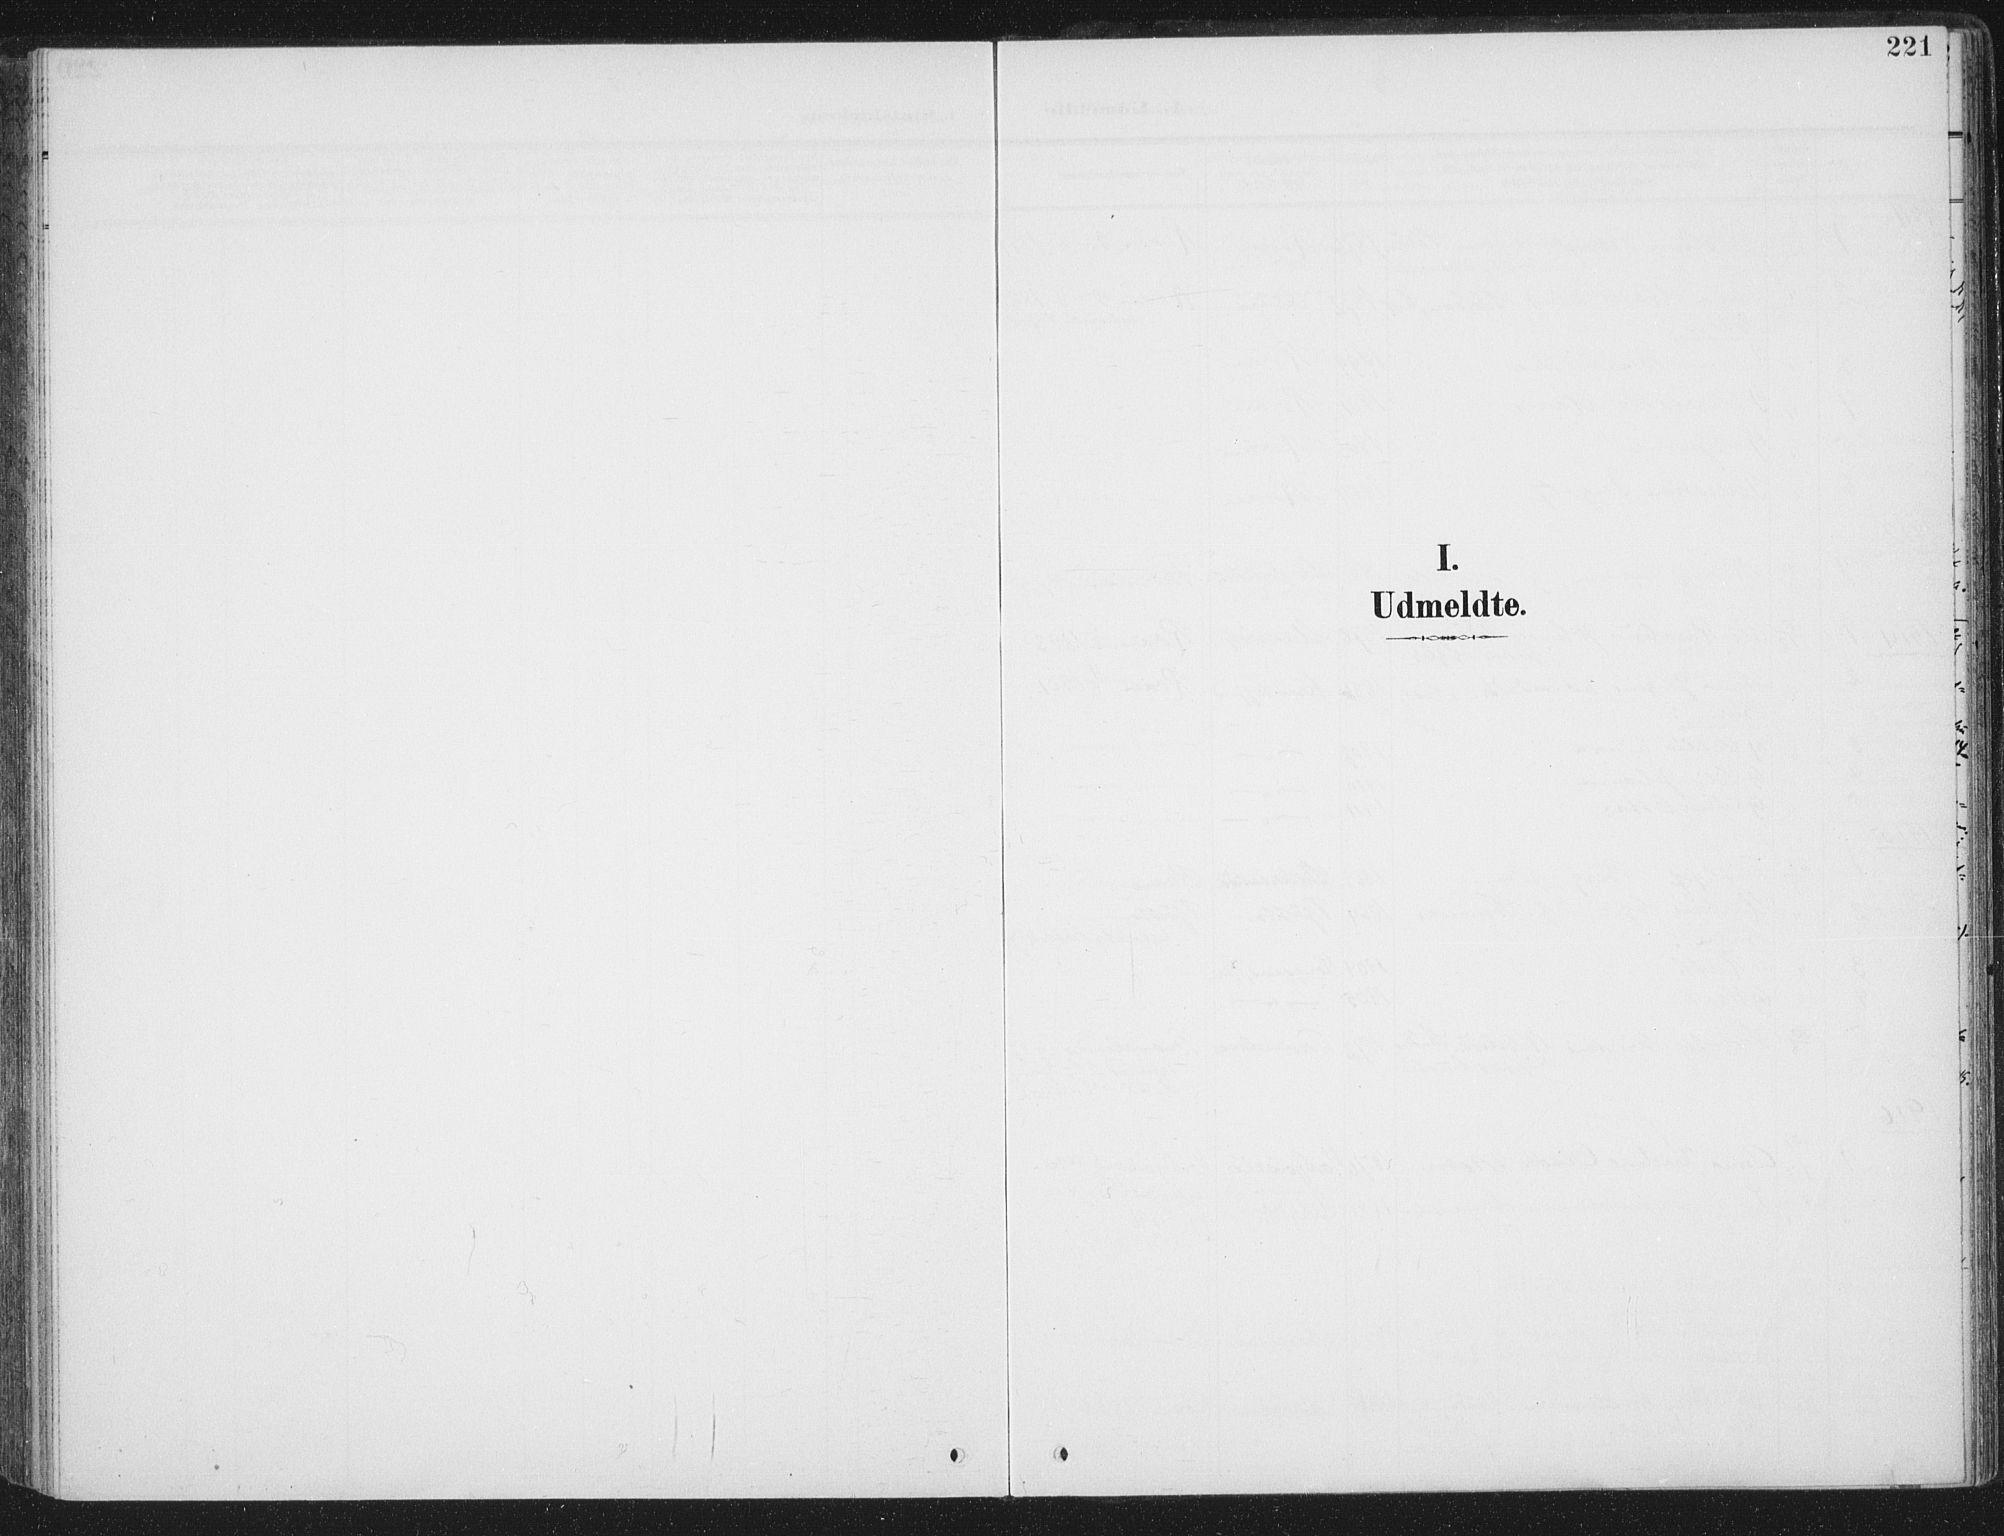 SAT, Ministerialprotokoller, klokkerbøker og fødselsregistre - Sør-Trøndelag, 657/L0709: Ministerialbok nr. 657A10, 1905-1919, s. 221